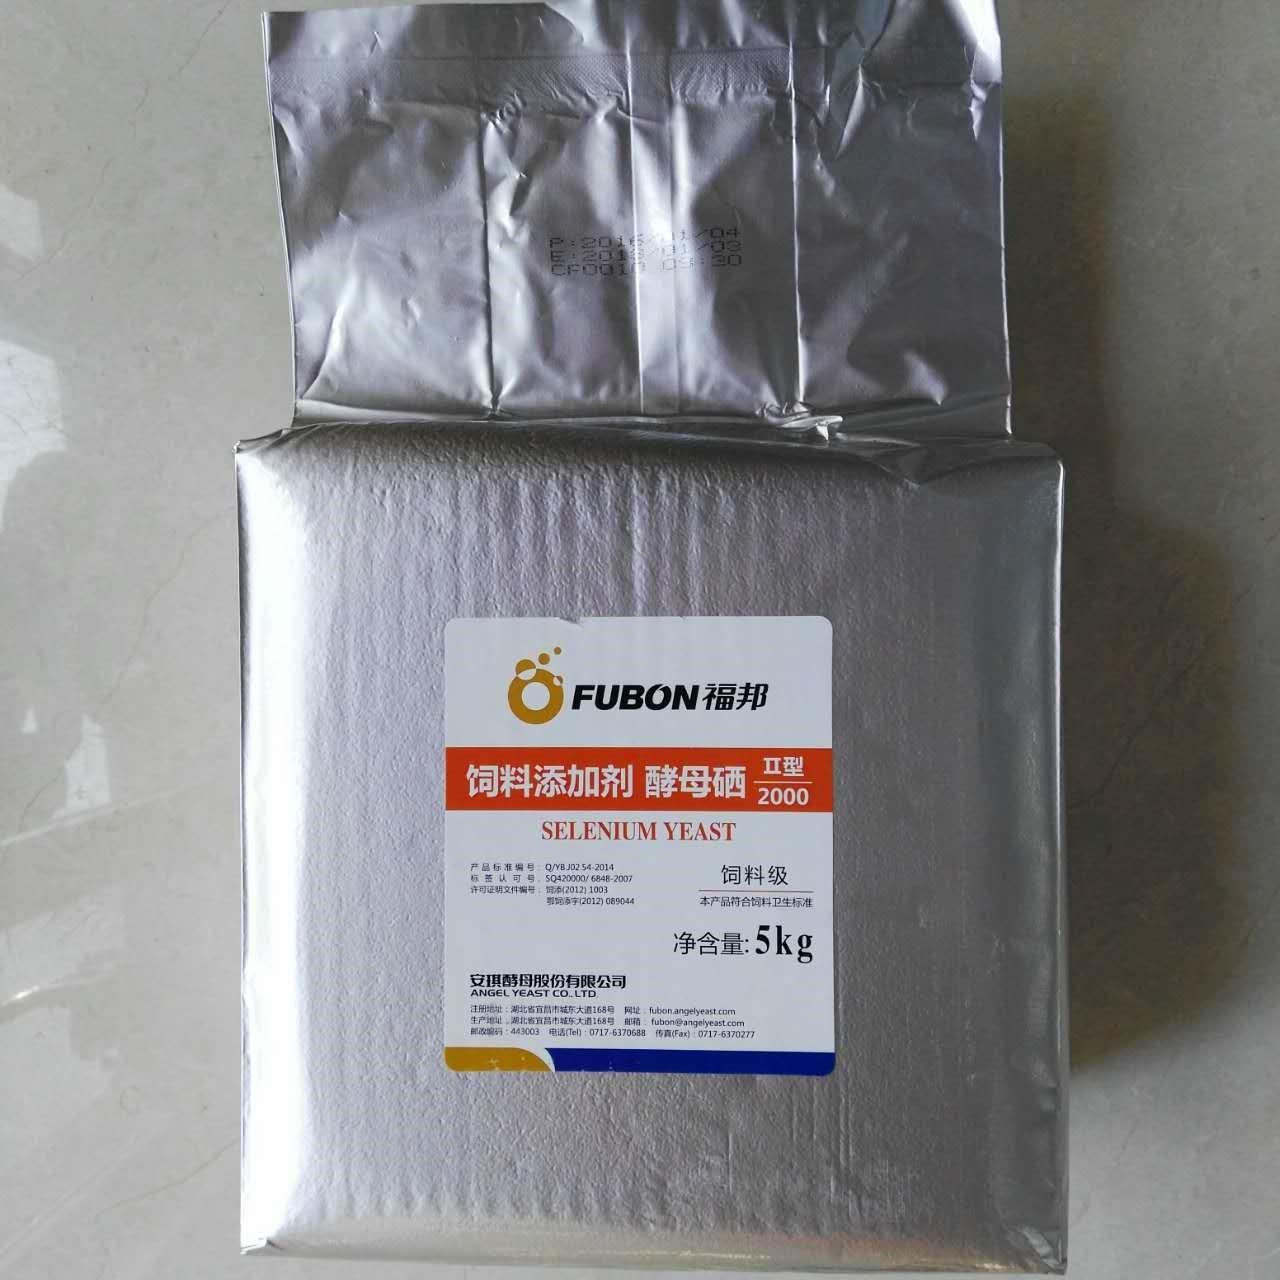 安琪福邦酵母硒2000ppm 5kg 提高存活率及繁殖性能提升品质包邮